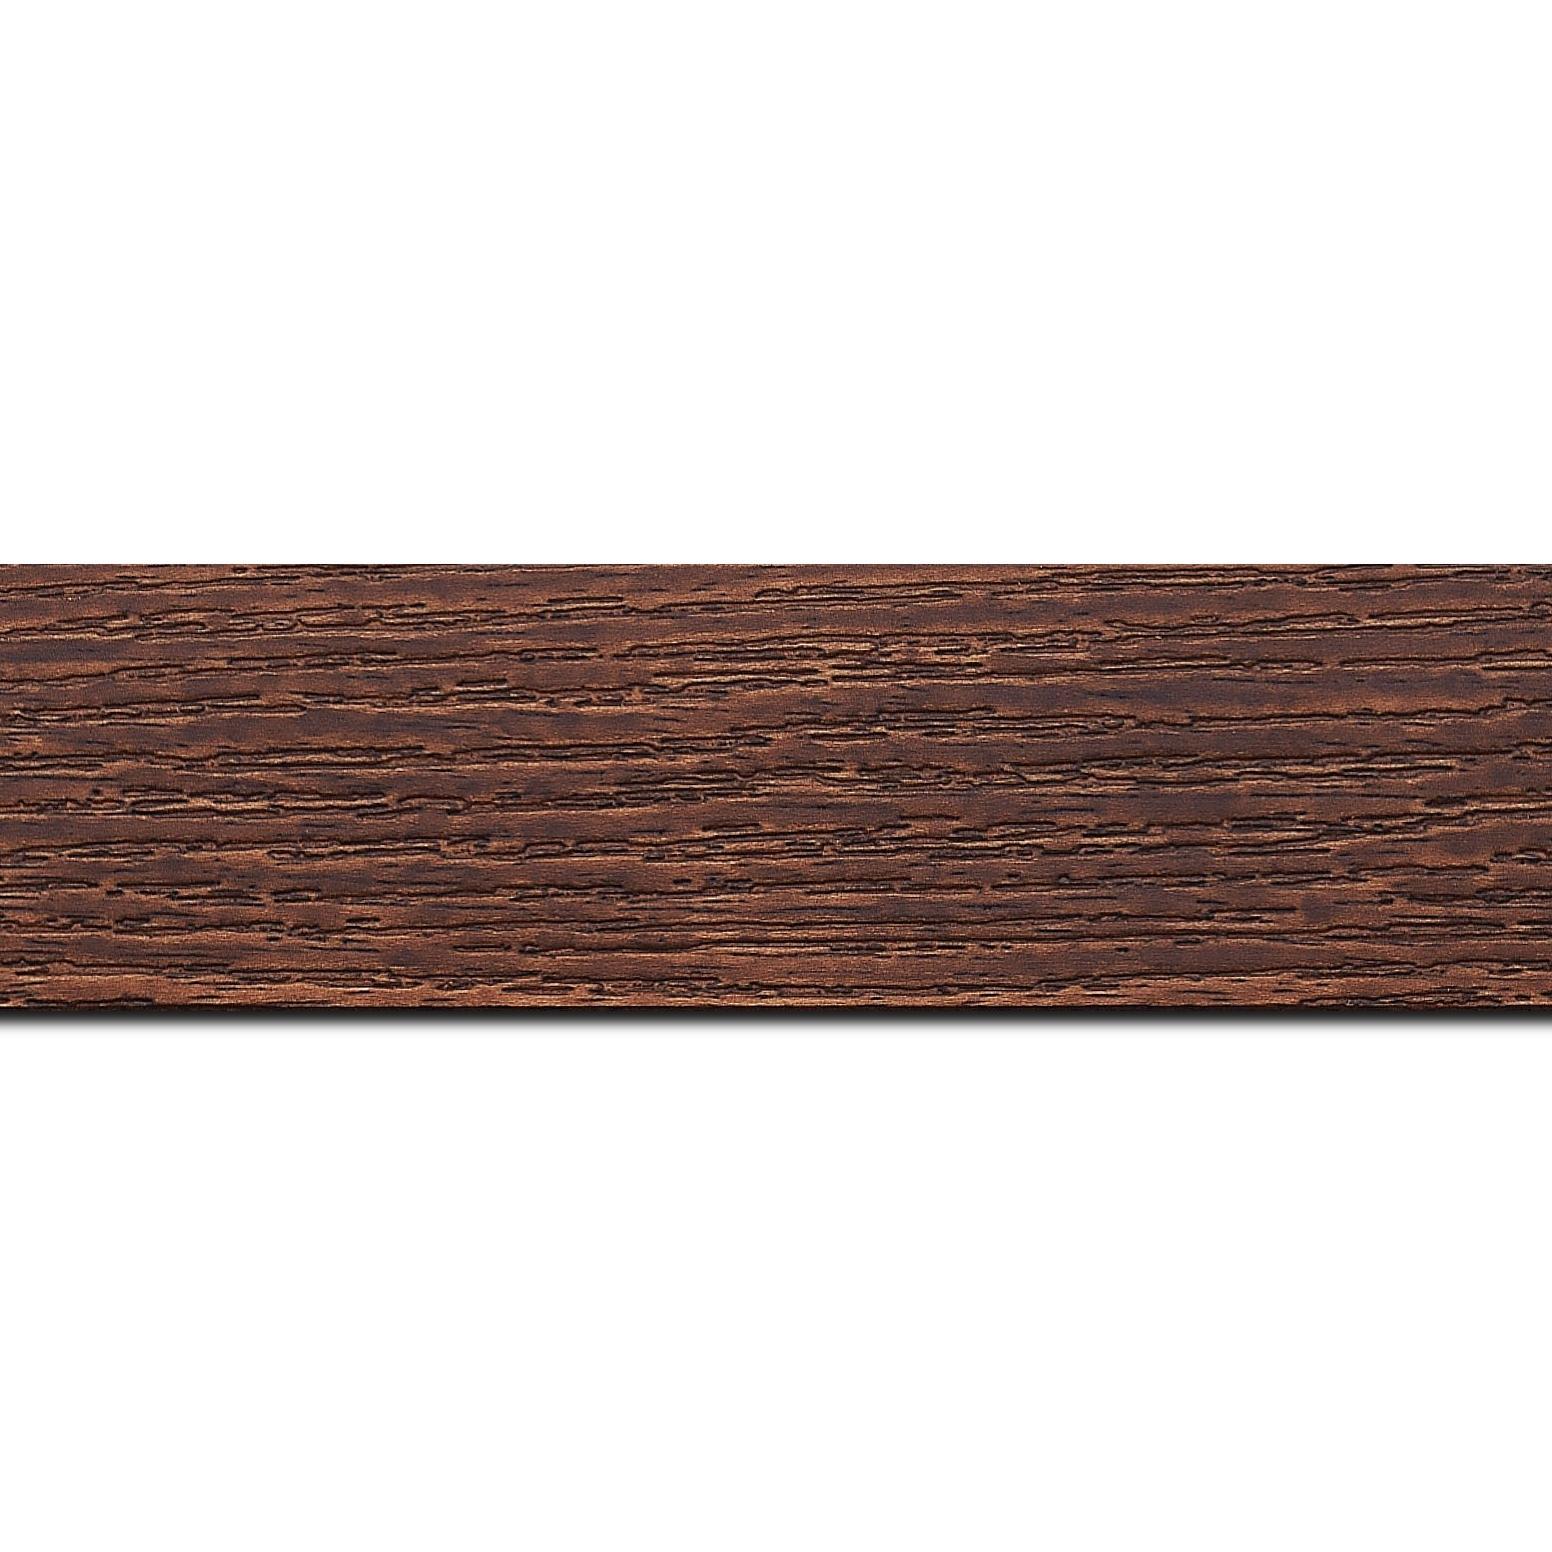 Pack par 12m, bois profil plat largeur 4.4cm couleur merisier finition veiné (longueur baguette pouvant varier entre 2.40m et 3m selon arrivage des bois)